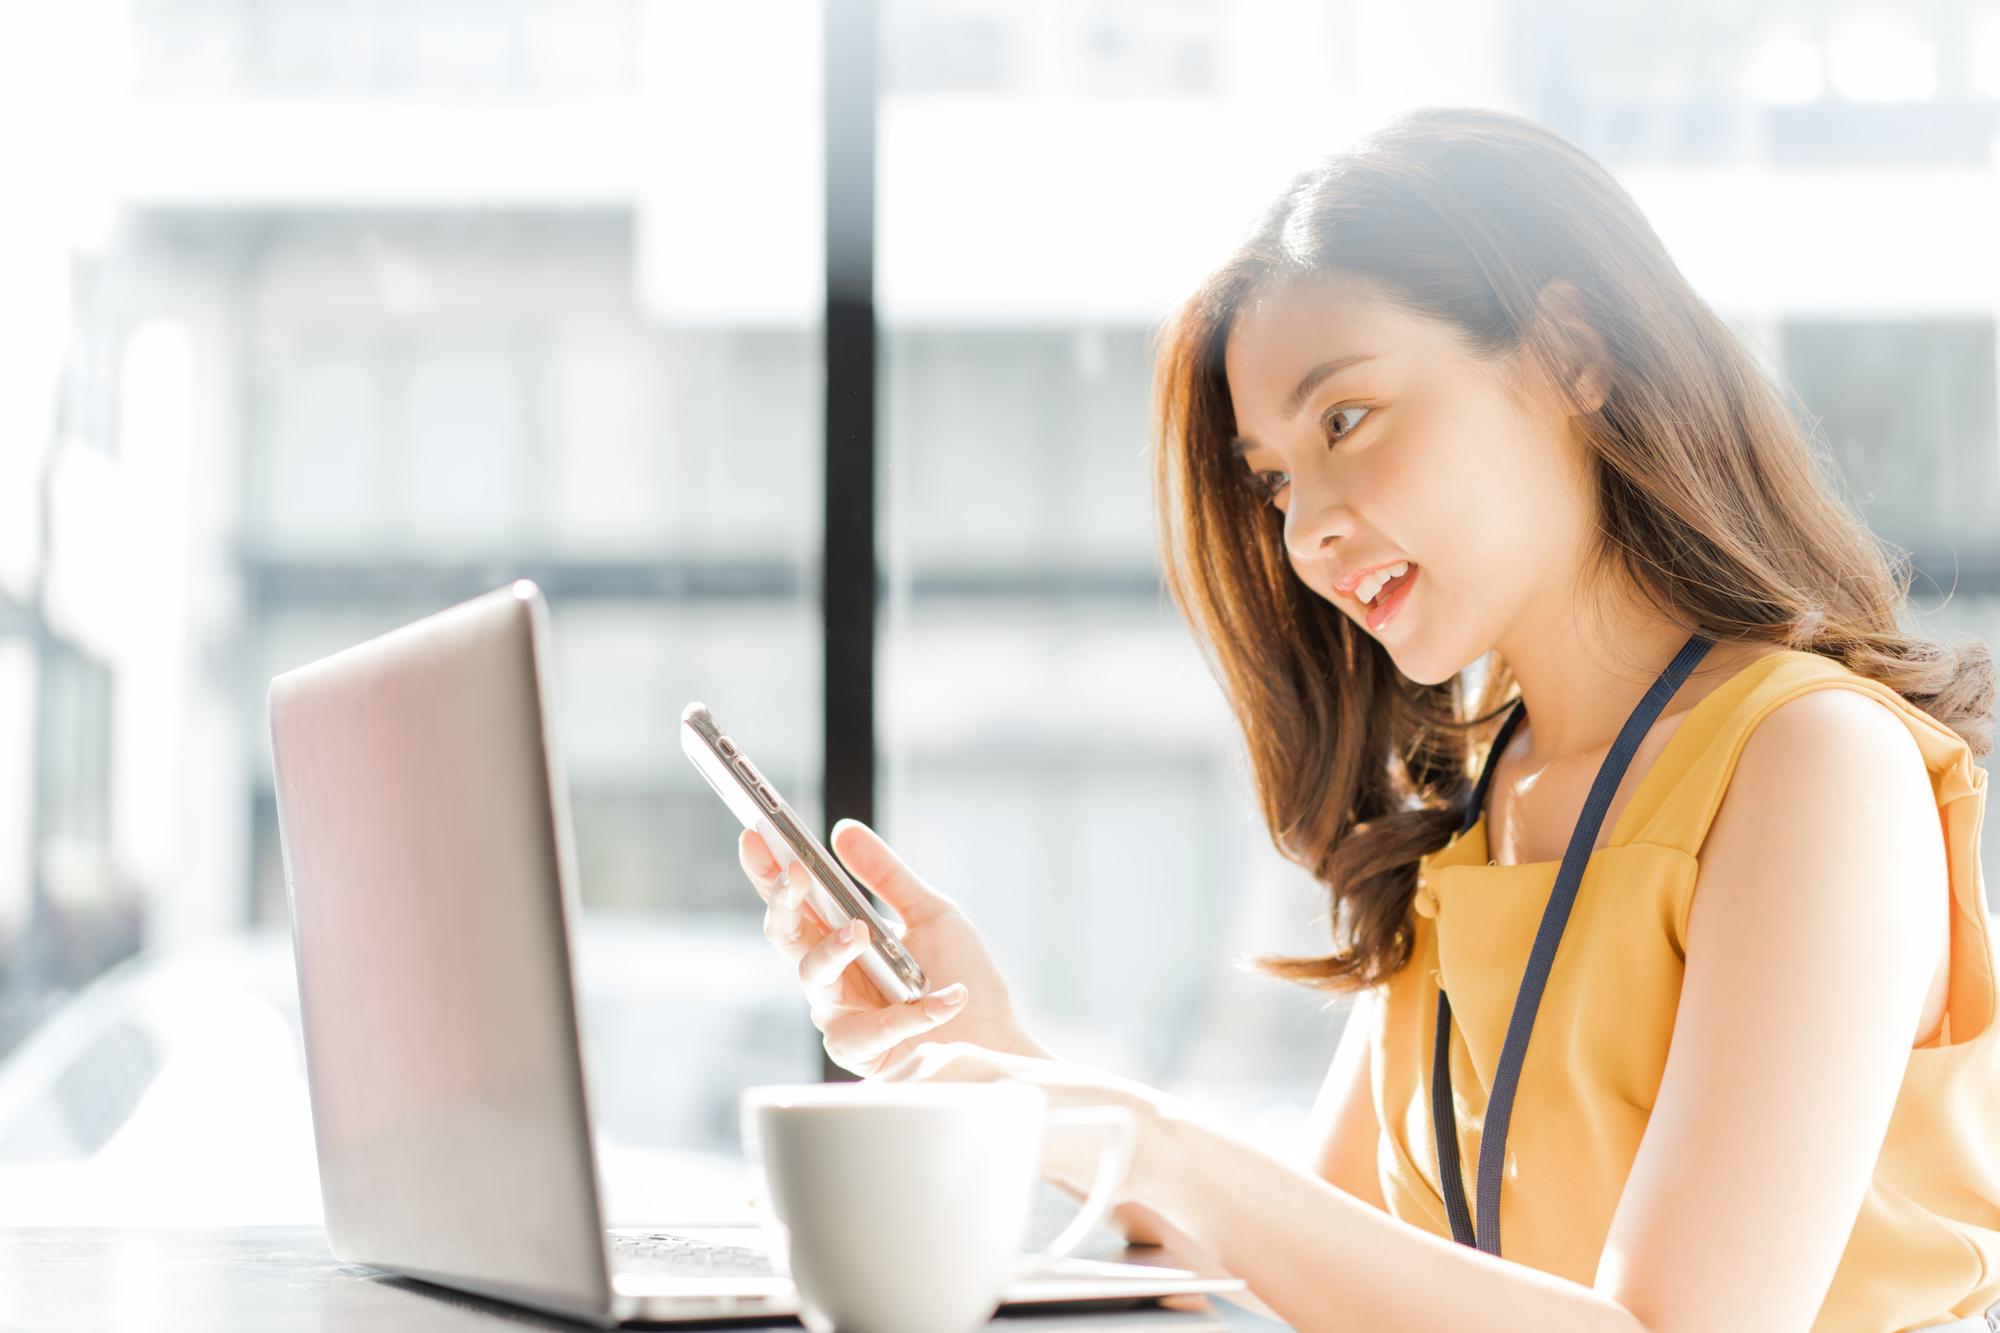 パソコンの前でスマホを使っている女性